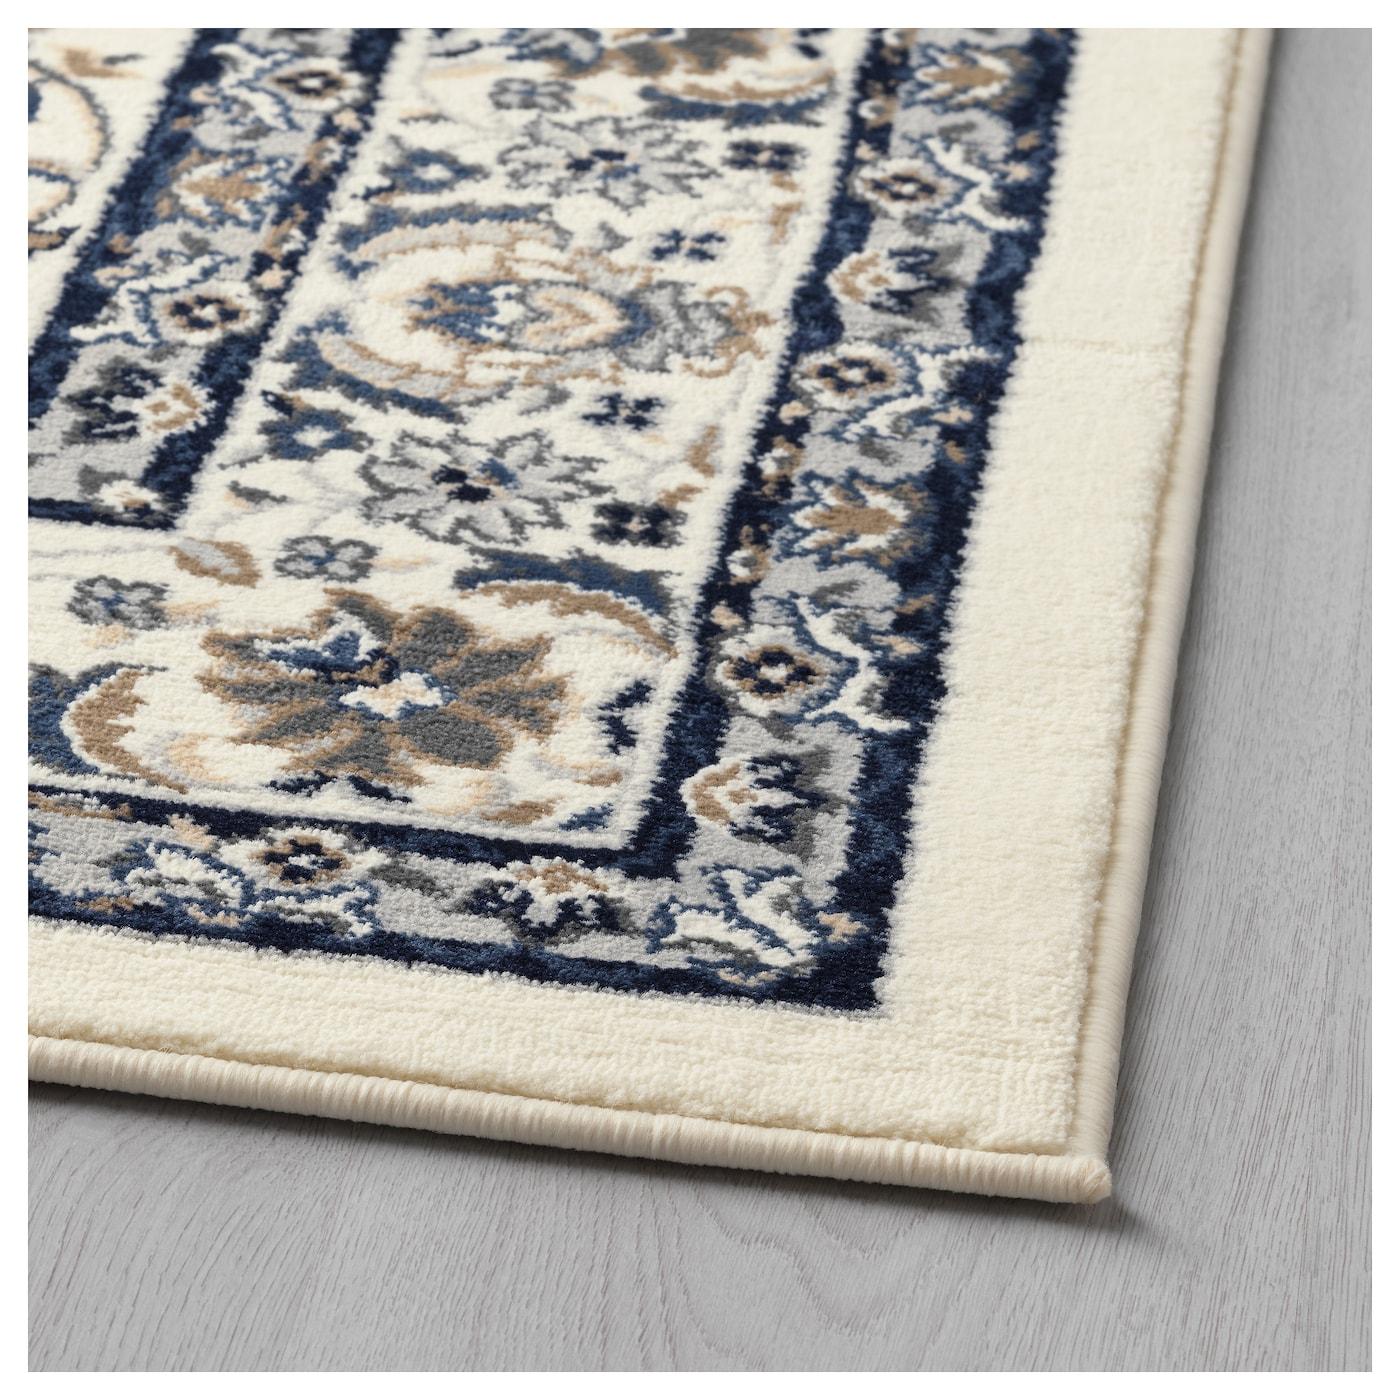 Vall by alfombra pelo corto beige azul 133 x 195 cm ikea - Alfombras pelo corto ...